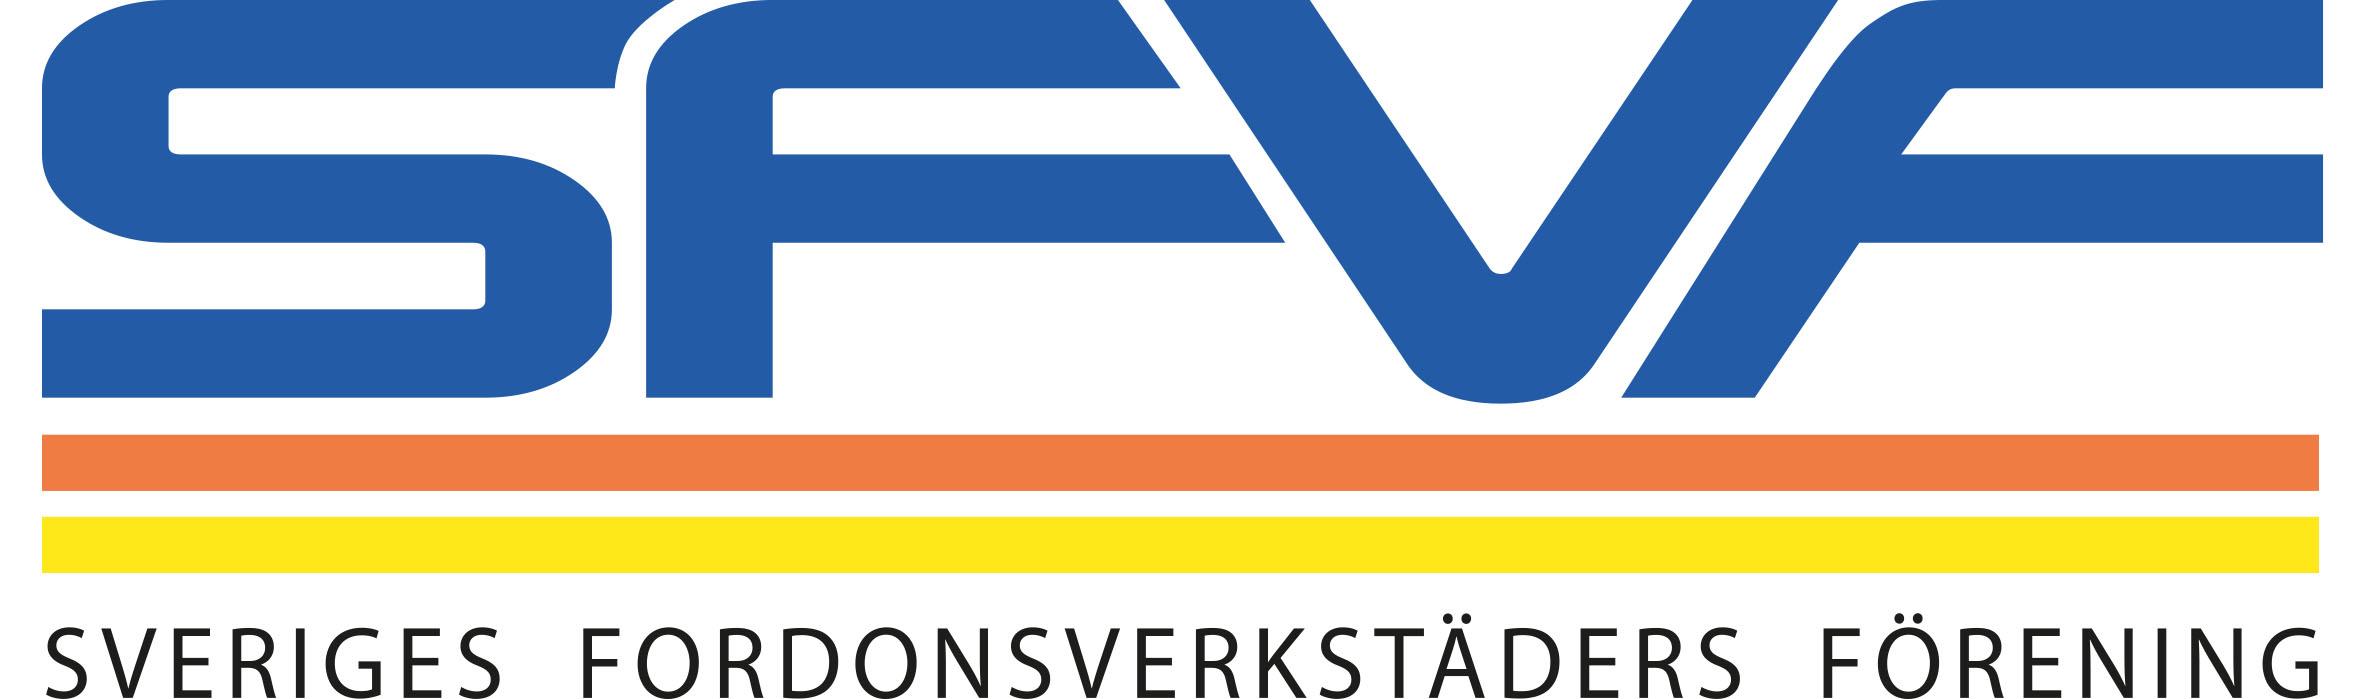 Sveriges Fordonsverkstäders Förening SFVF